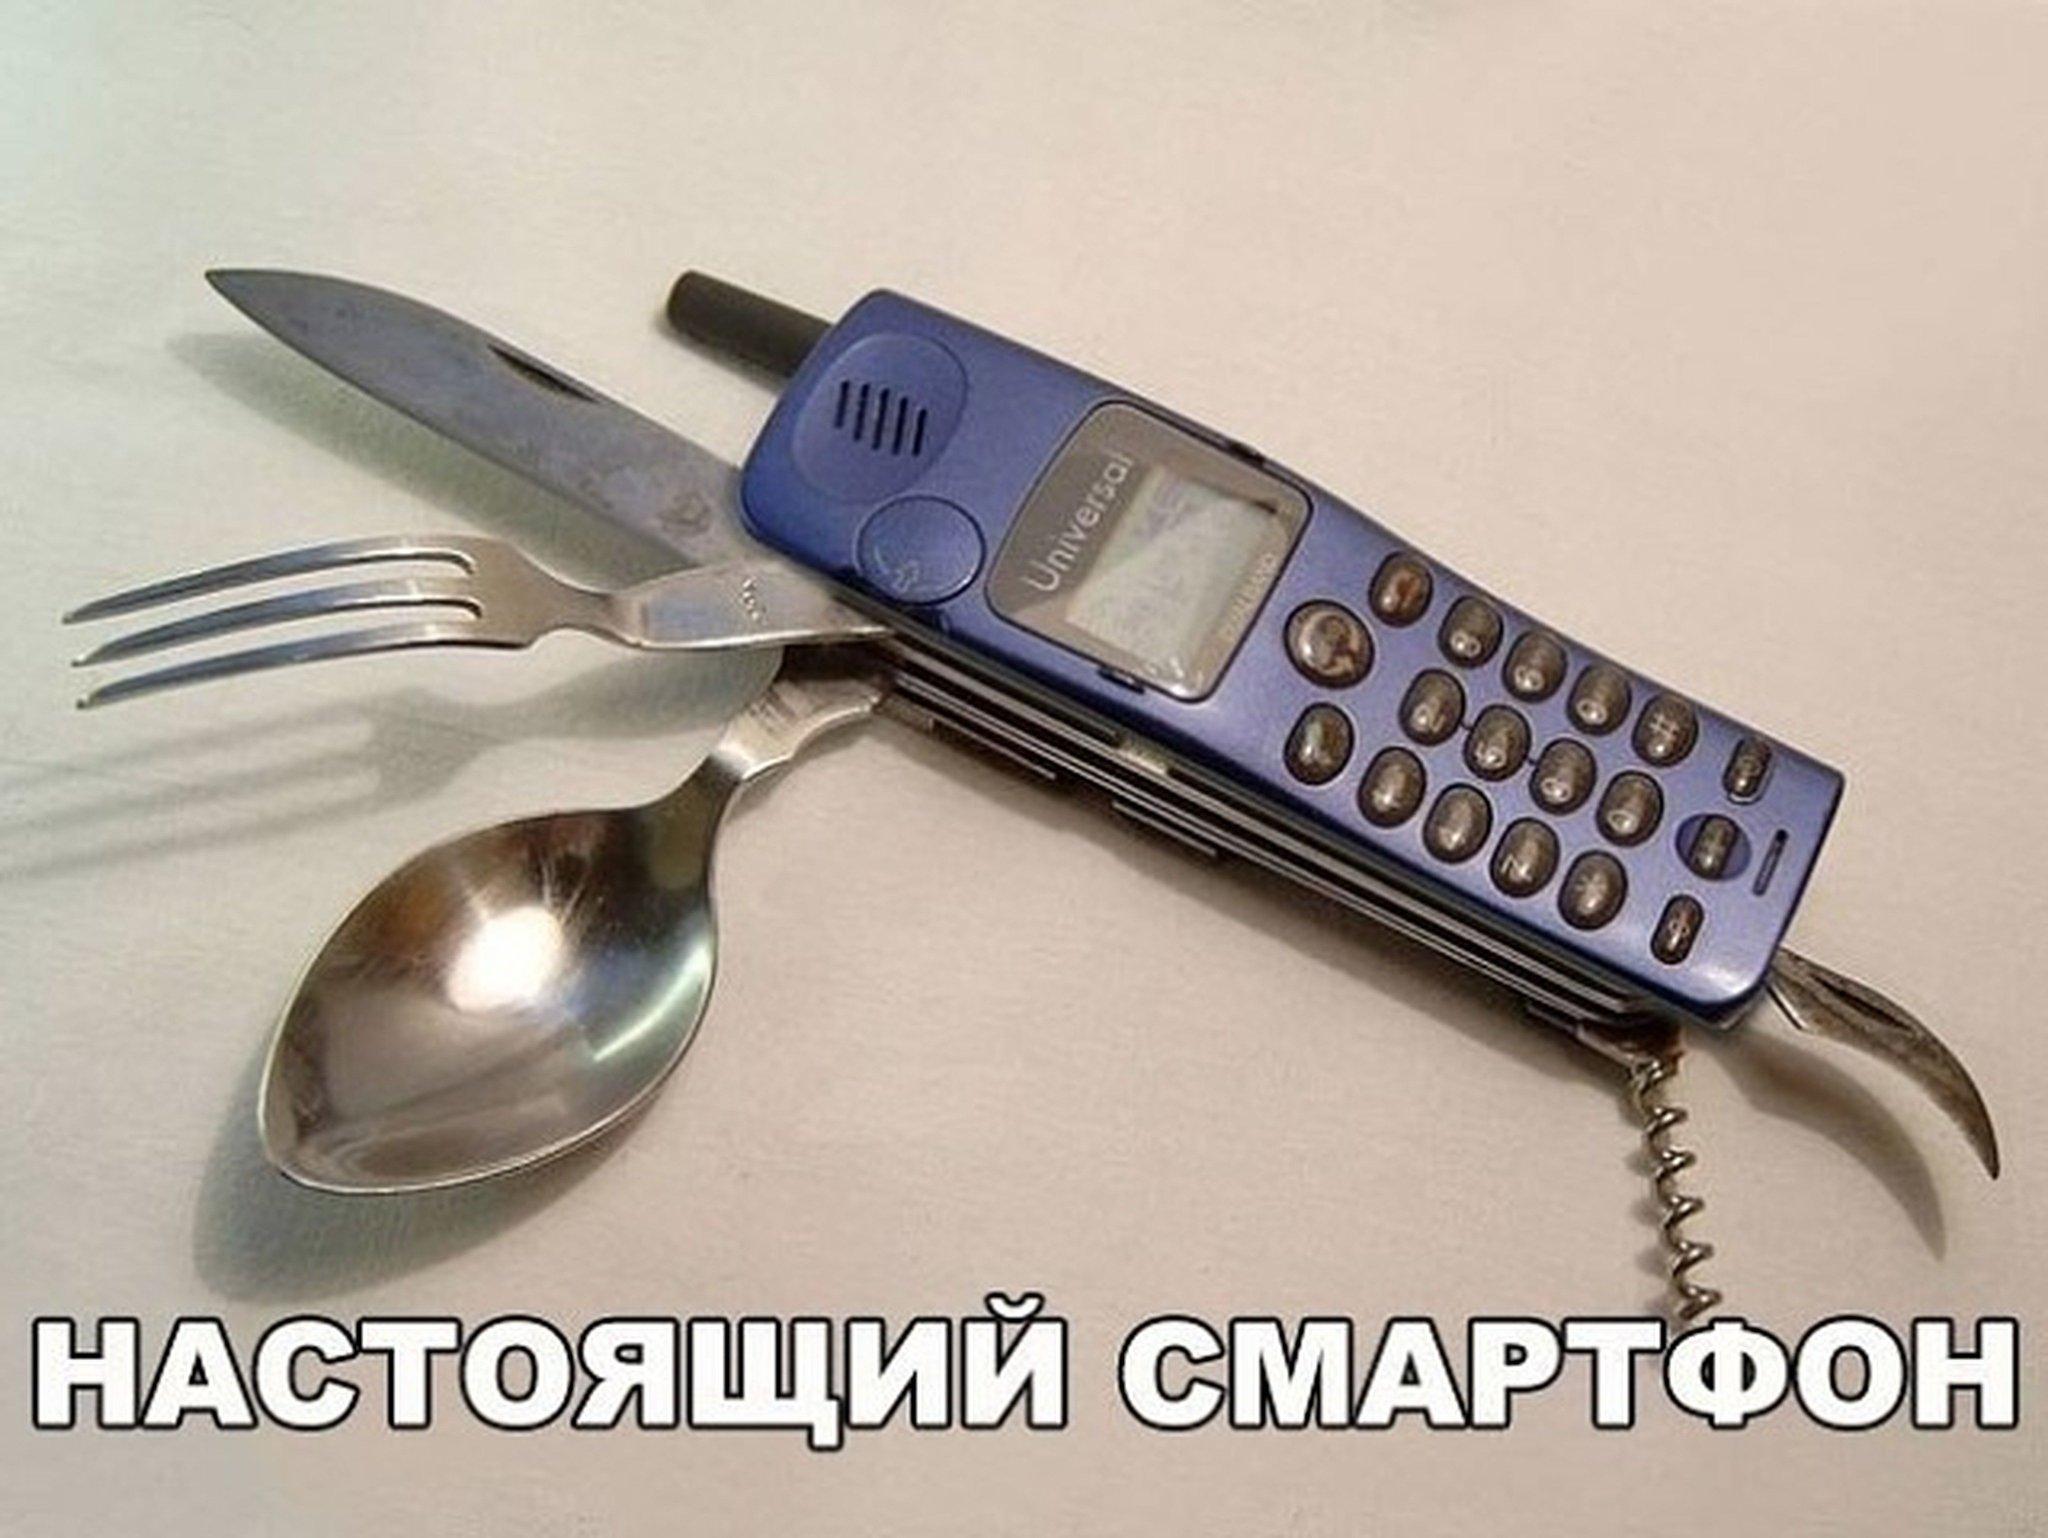 Картинки сотовых телефонов приколы